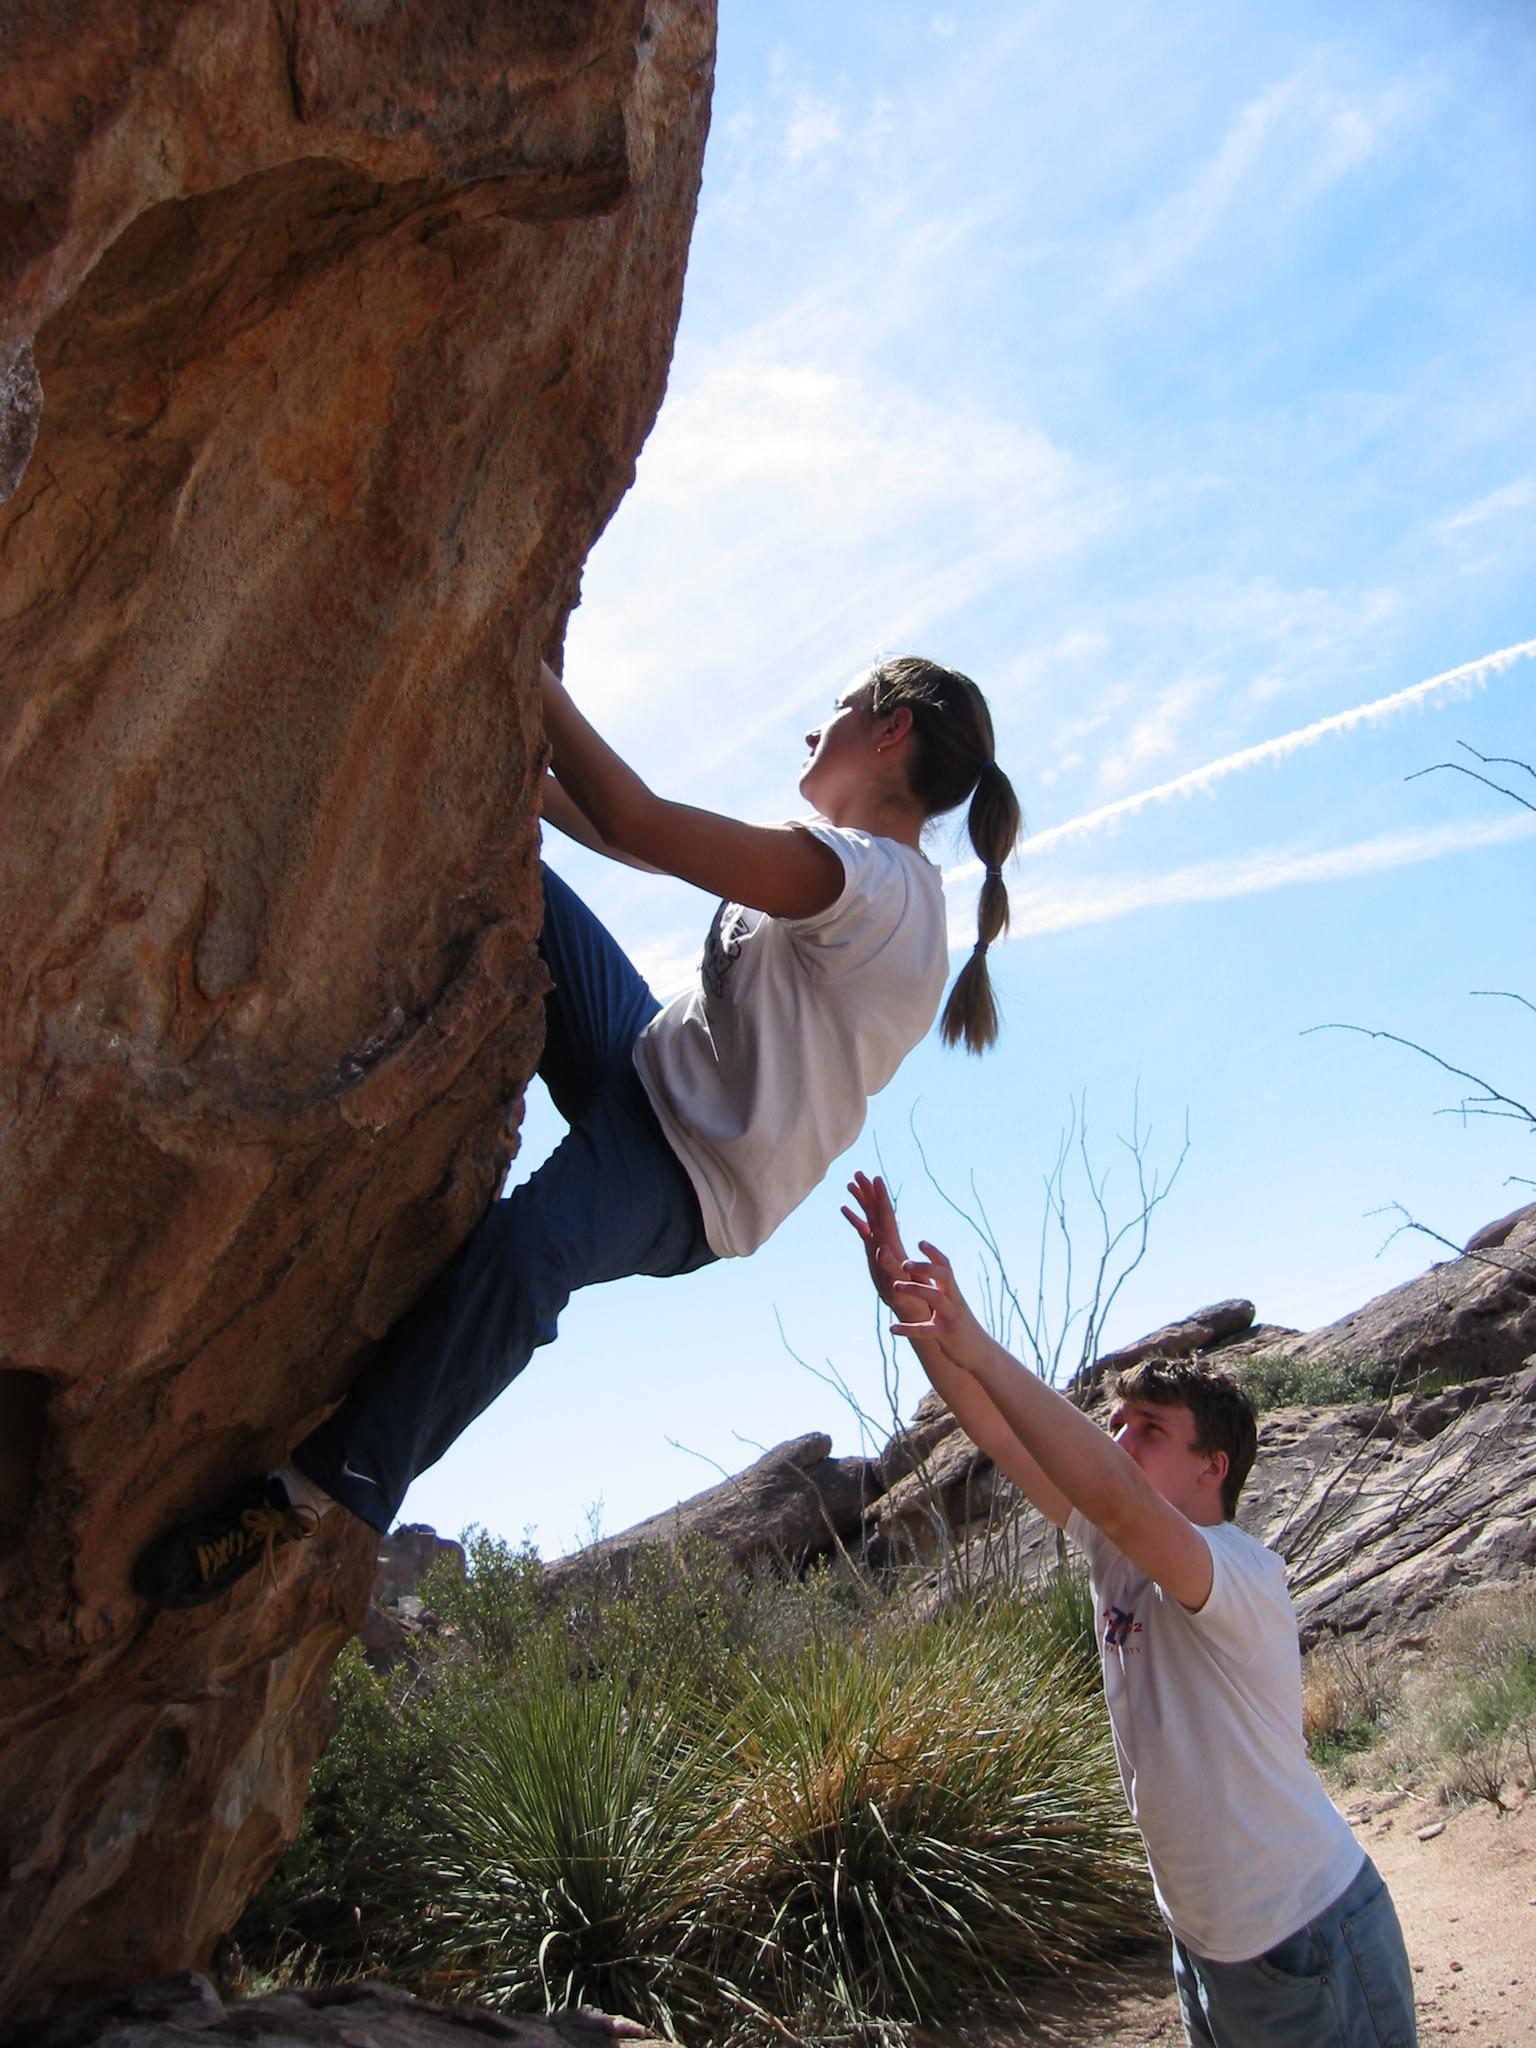 Rock climbing en Hueco Tanks, Texas, EEUU